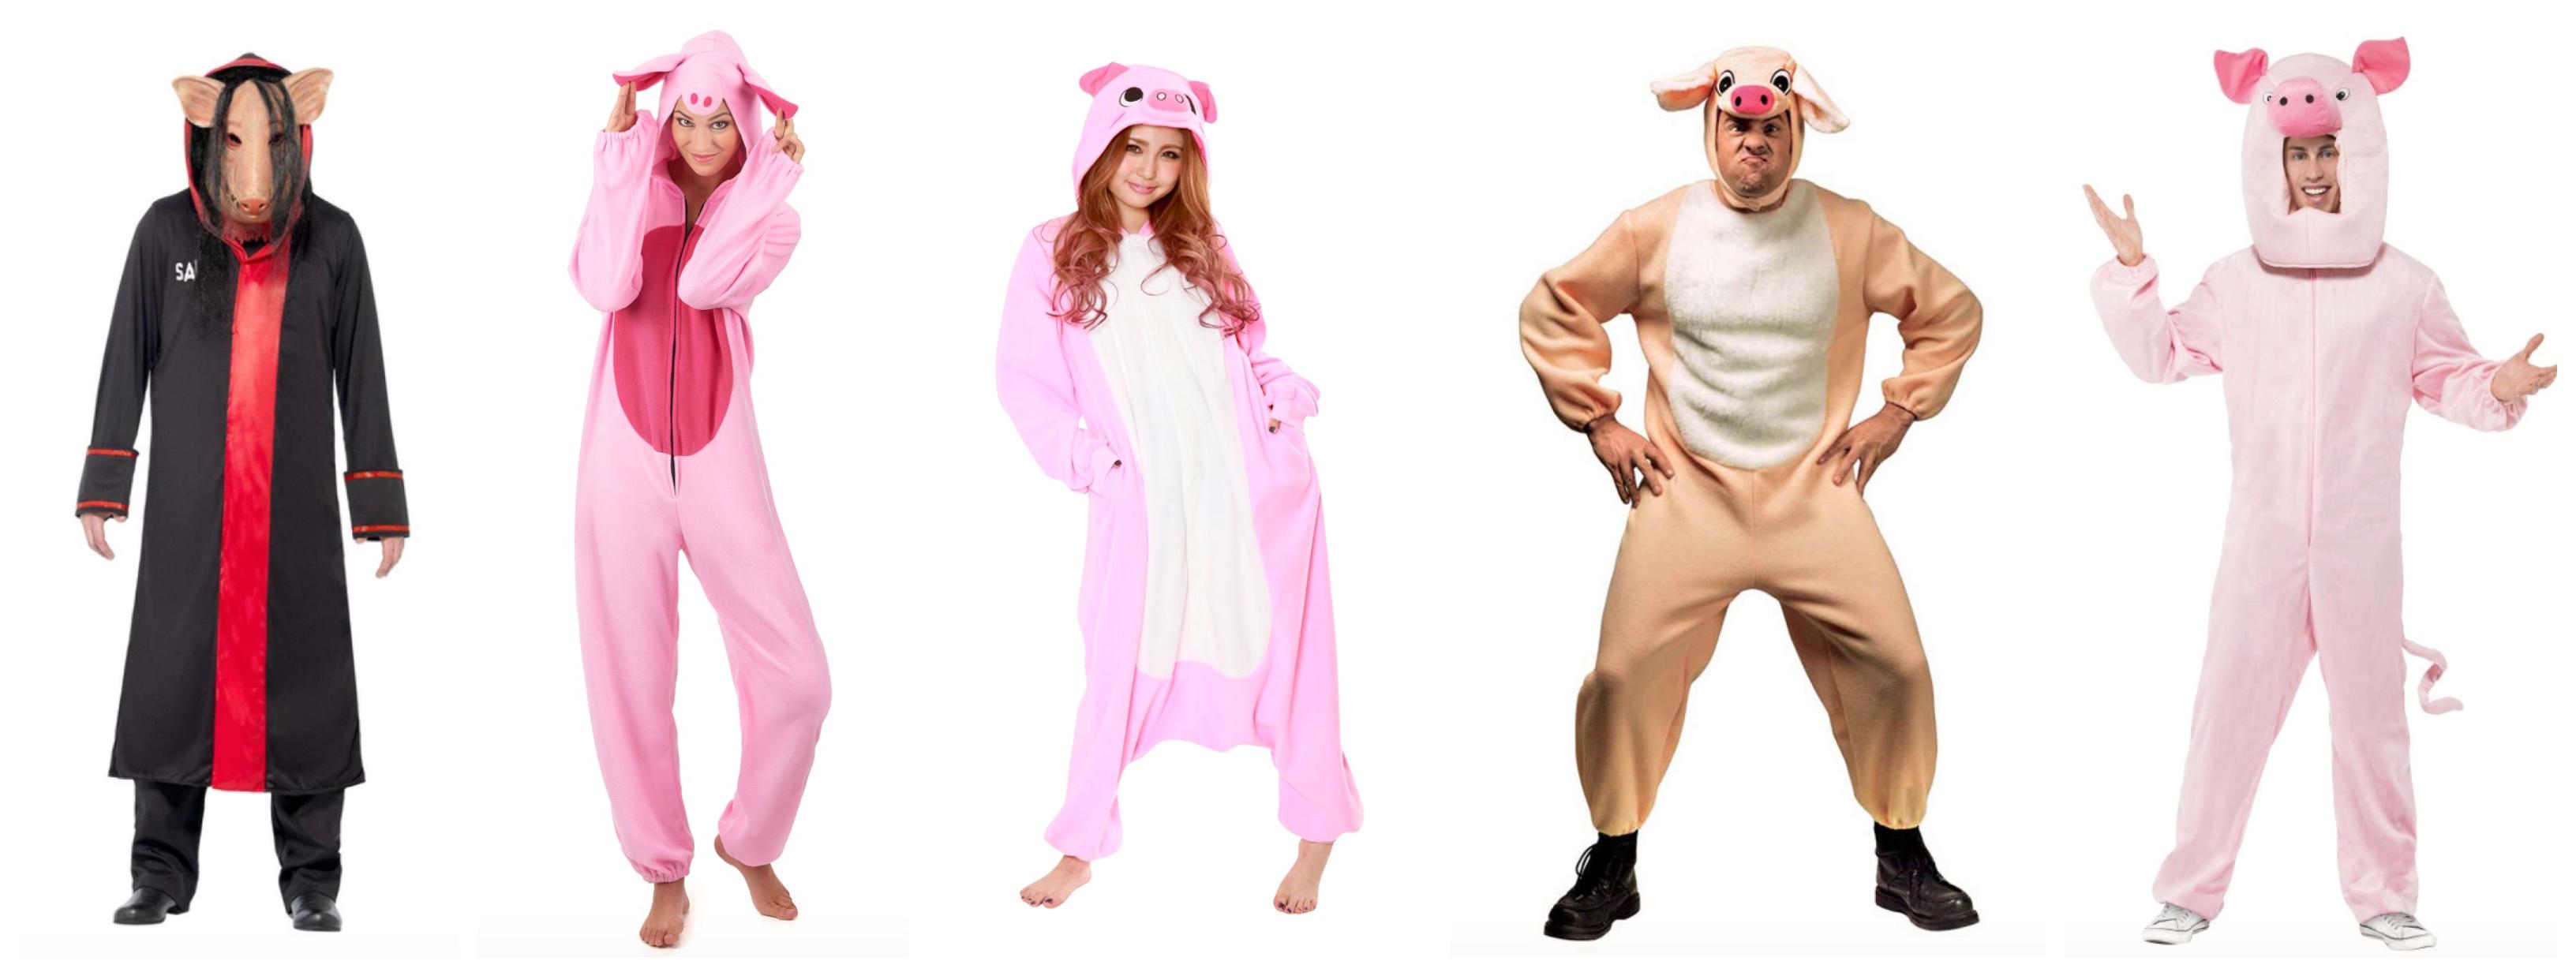 grise kostume til voksne - Gris kostume til voksne